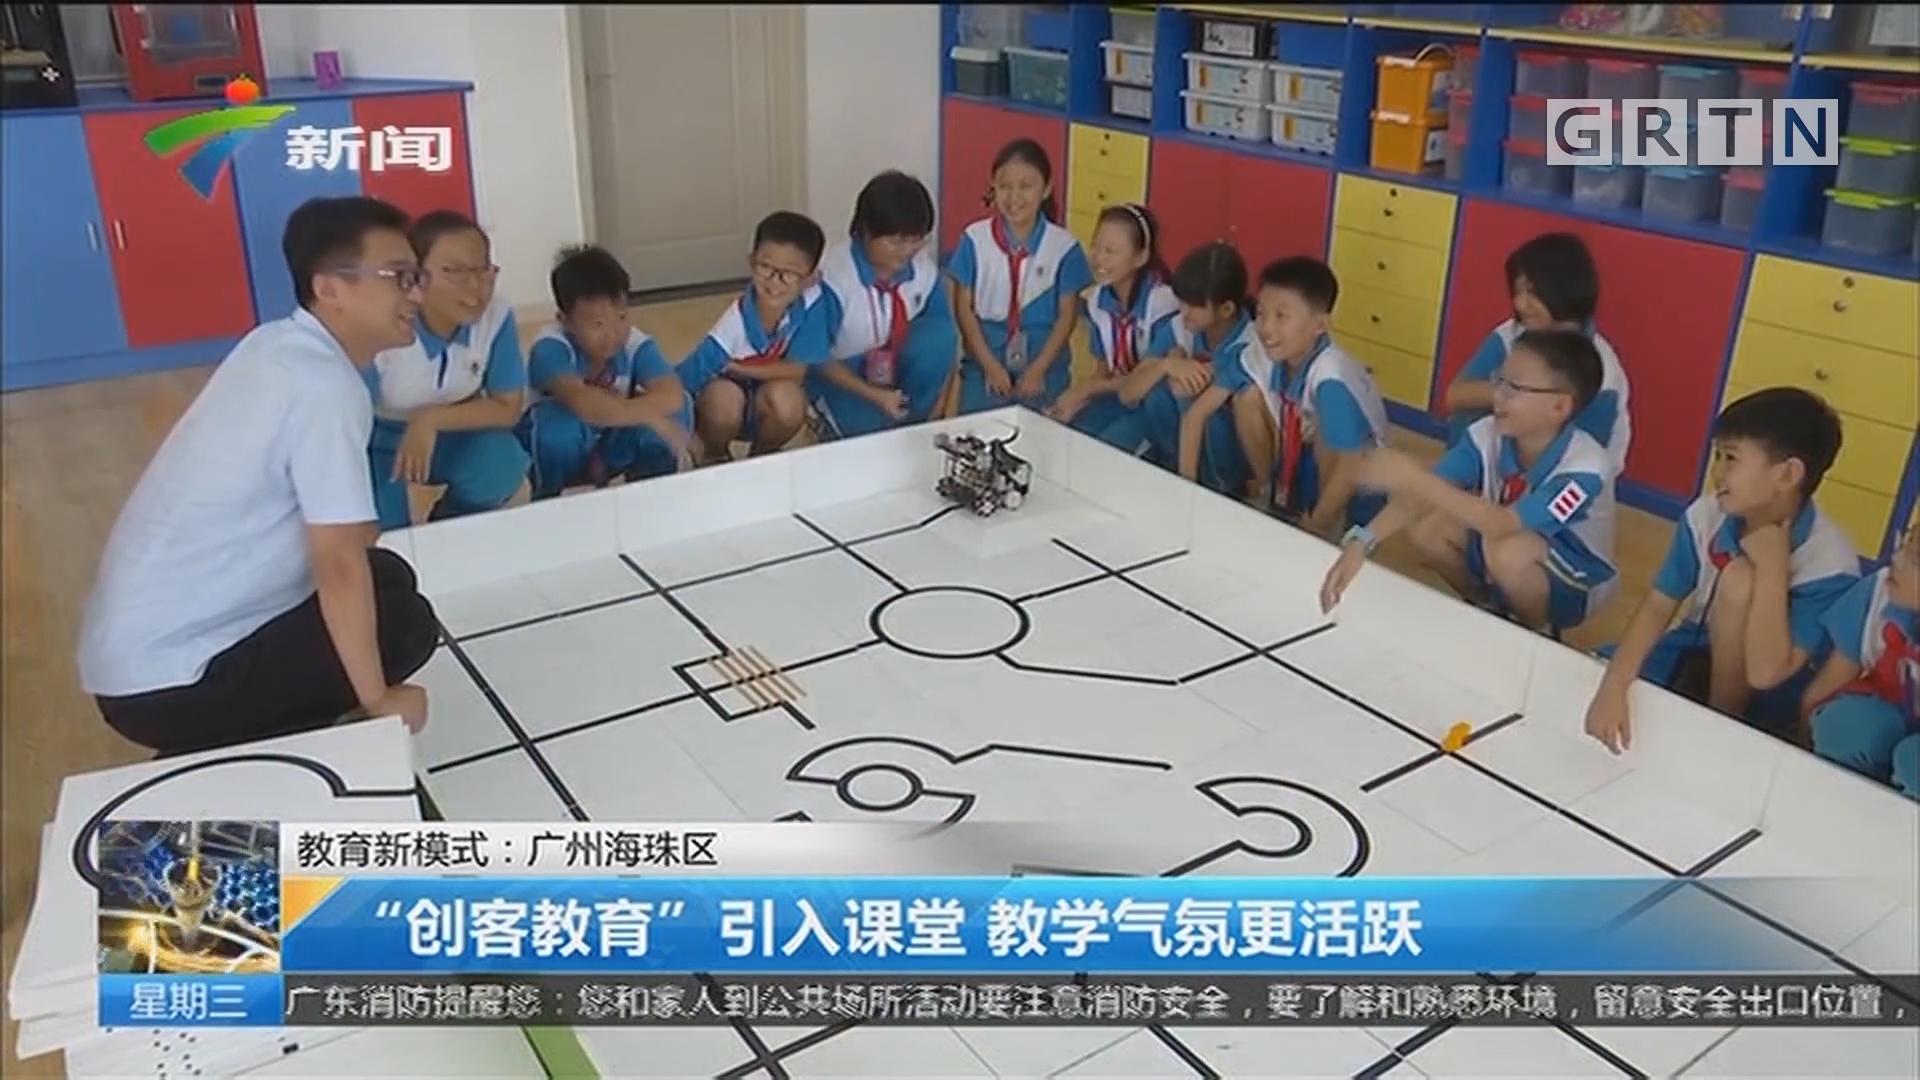 """教育新模式:广州海珠区 """"创客教育""""引入课堂 教学气氛更活跃"""